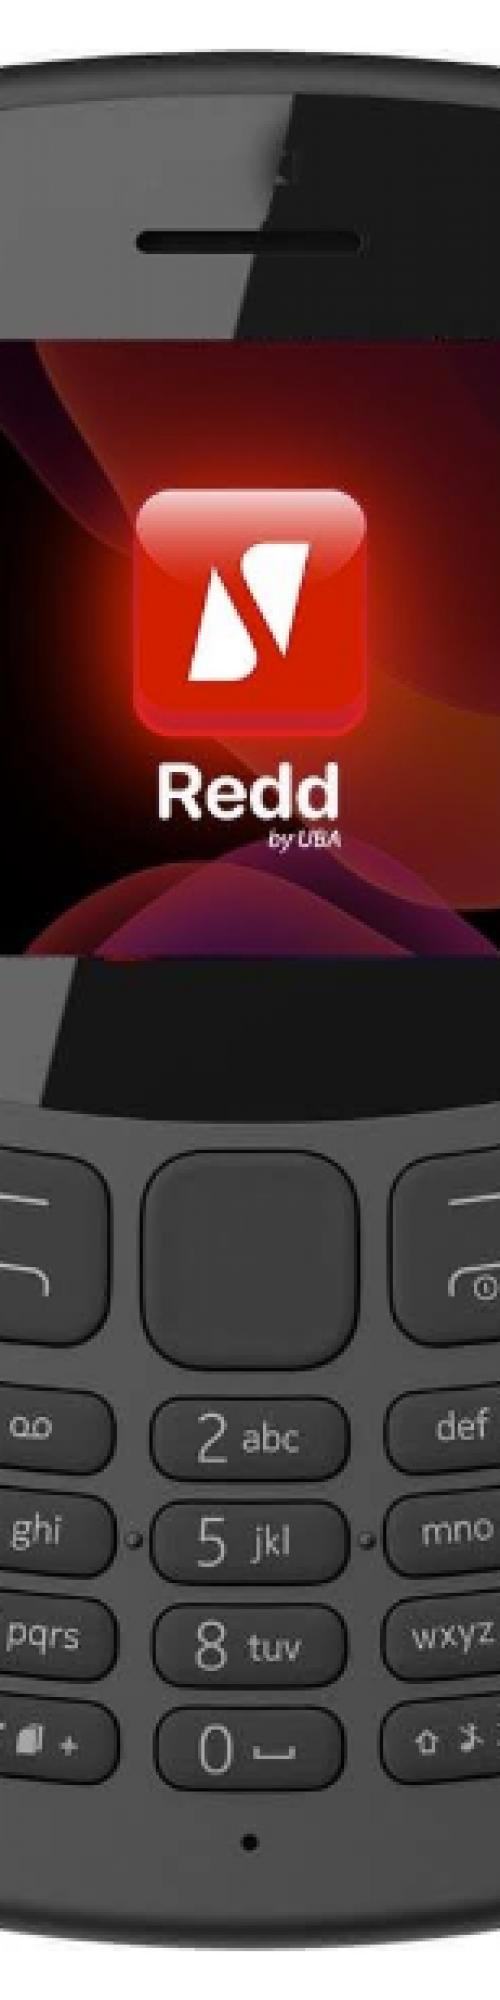 redd-ussd